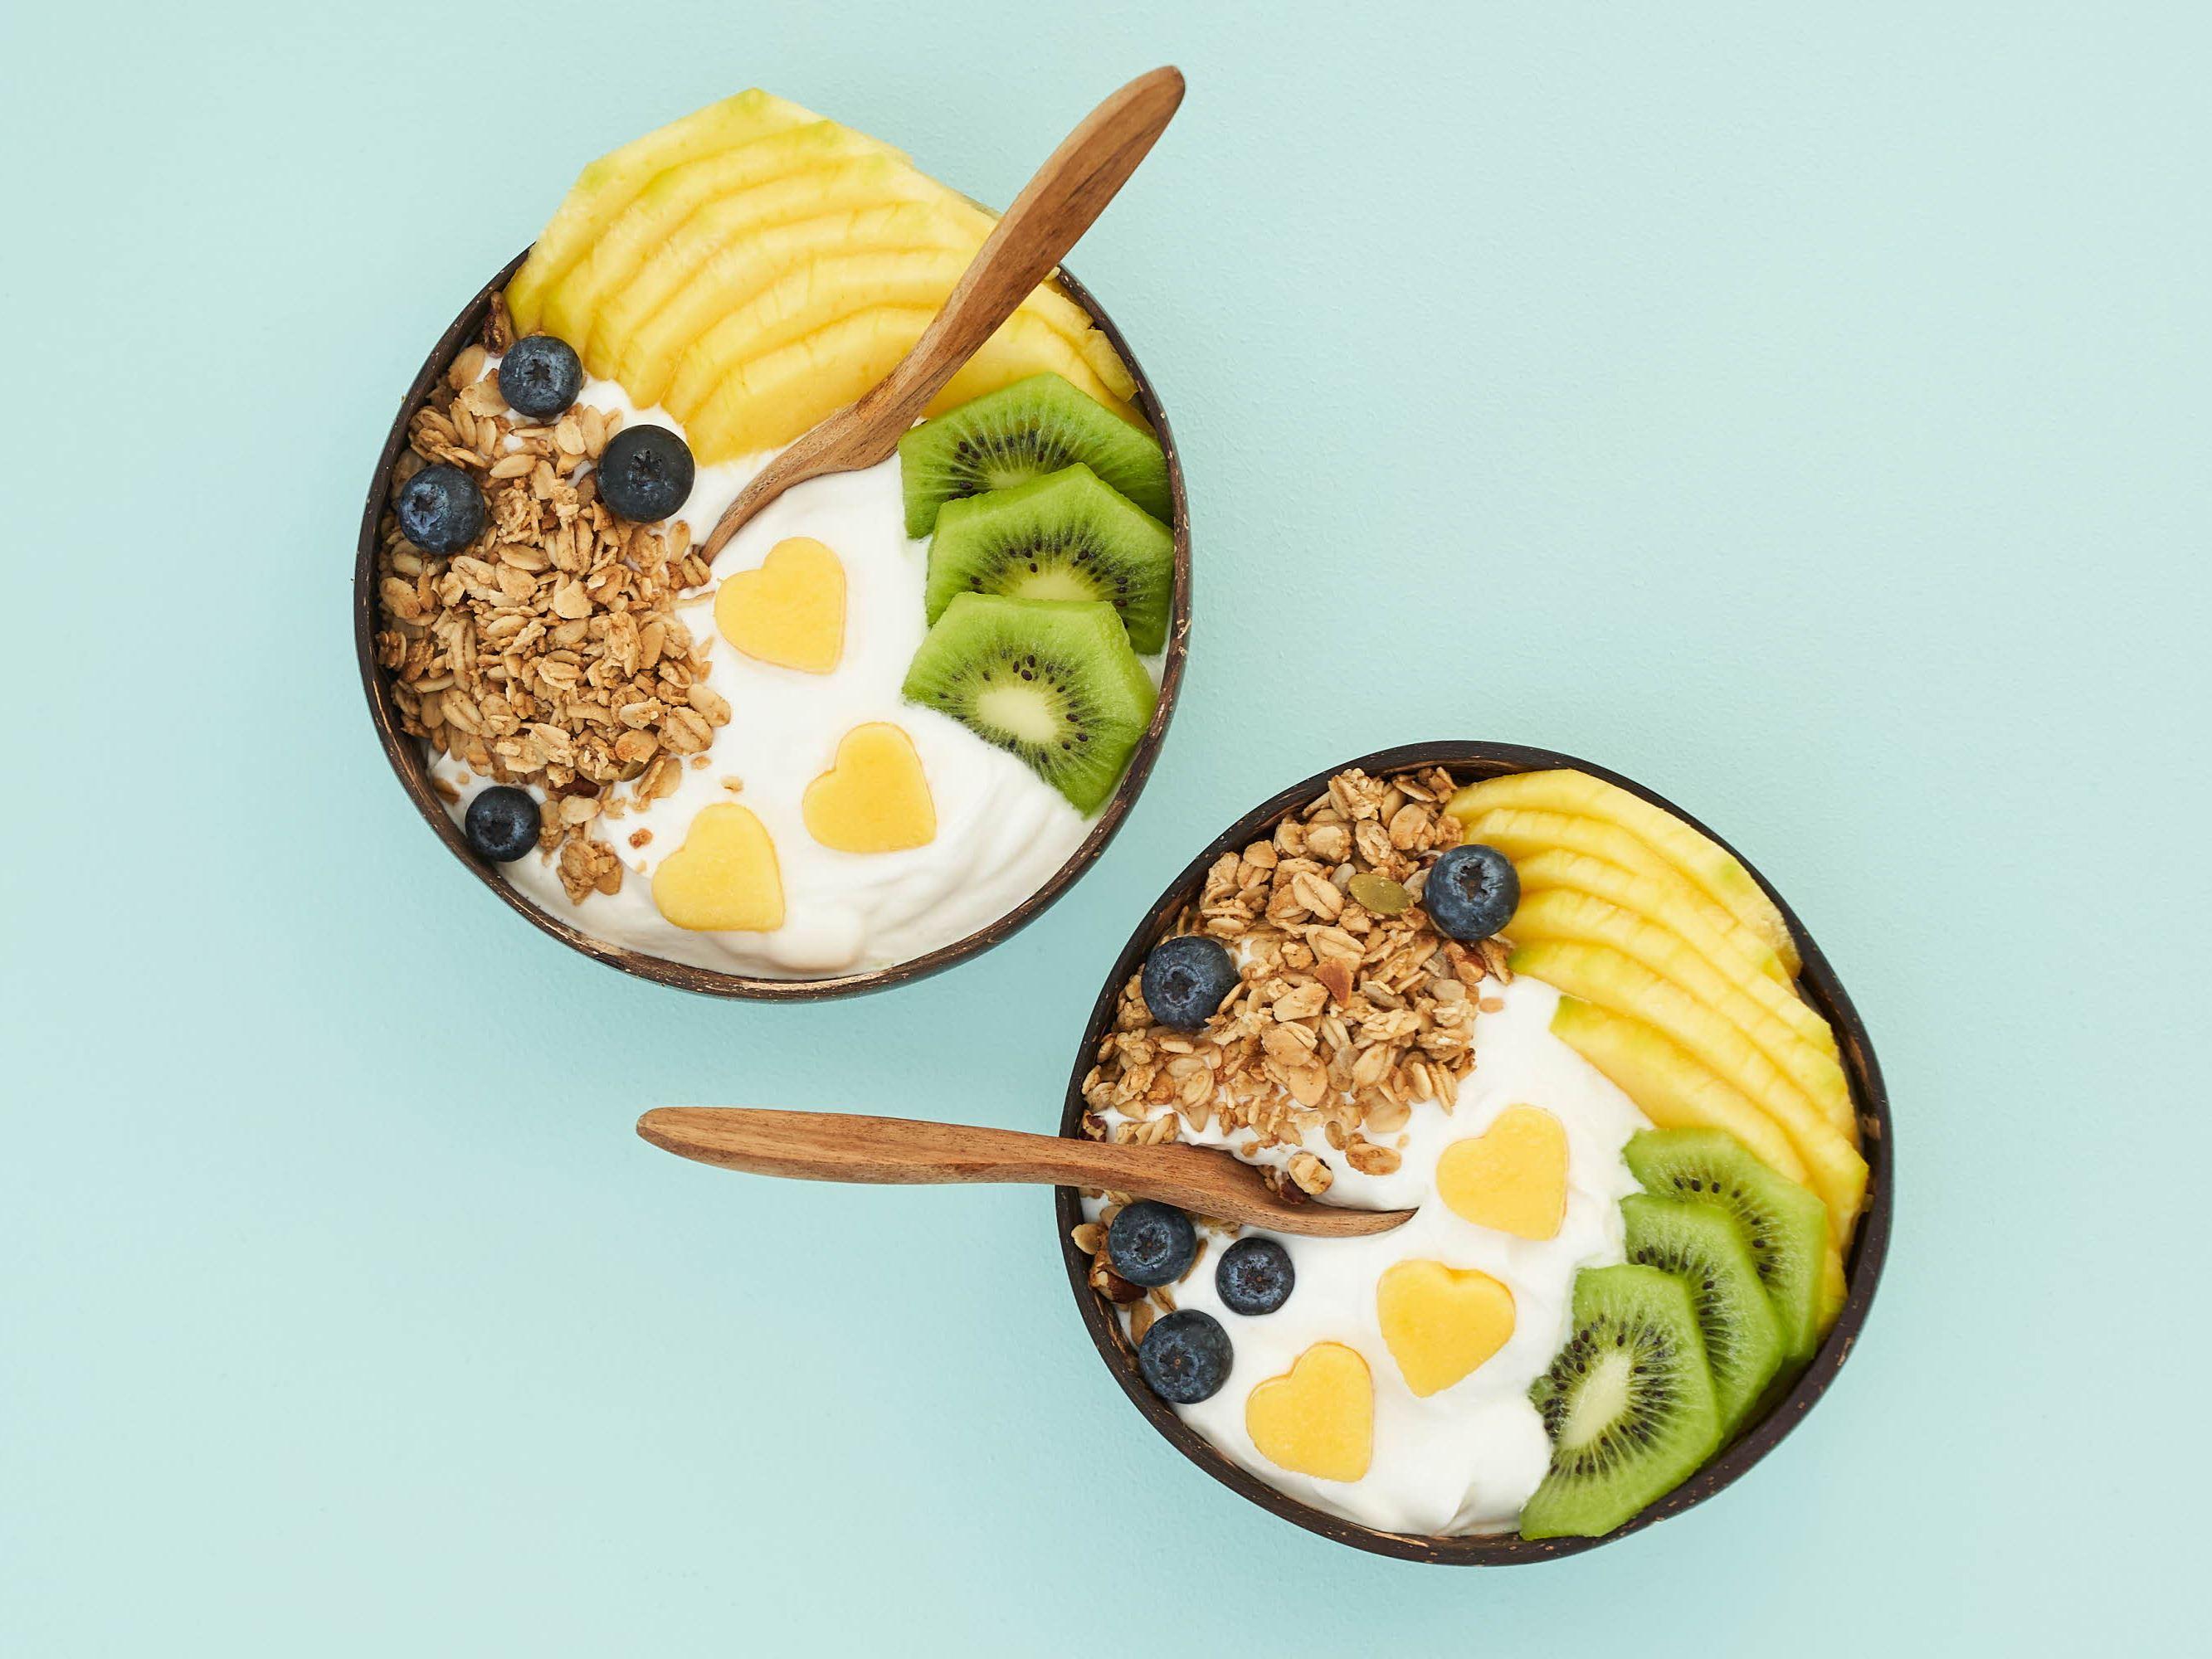 Morgenmad Sund Lækker Morgenmad Opskrifter Fra Karolines